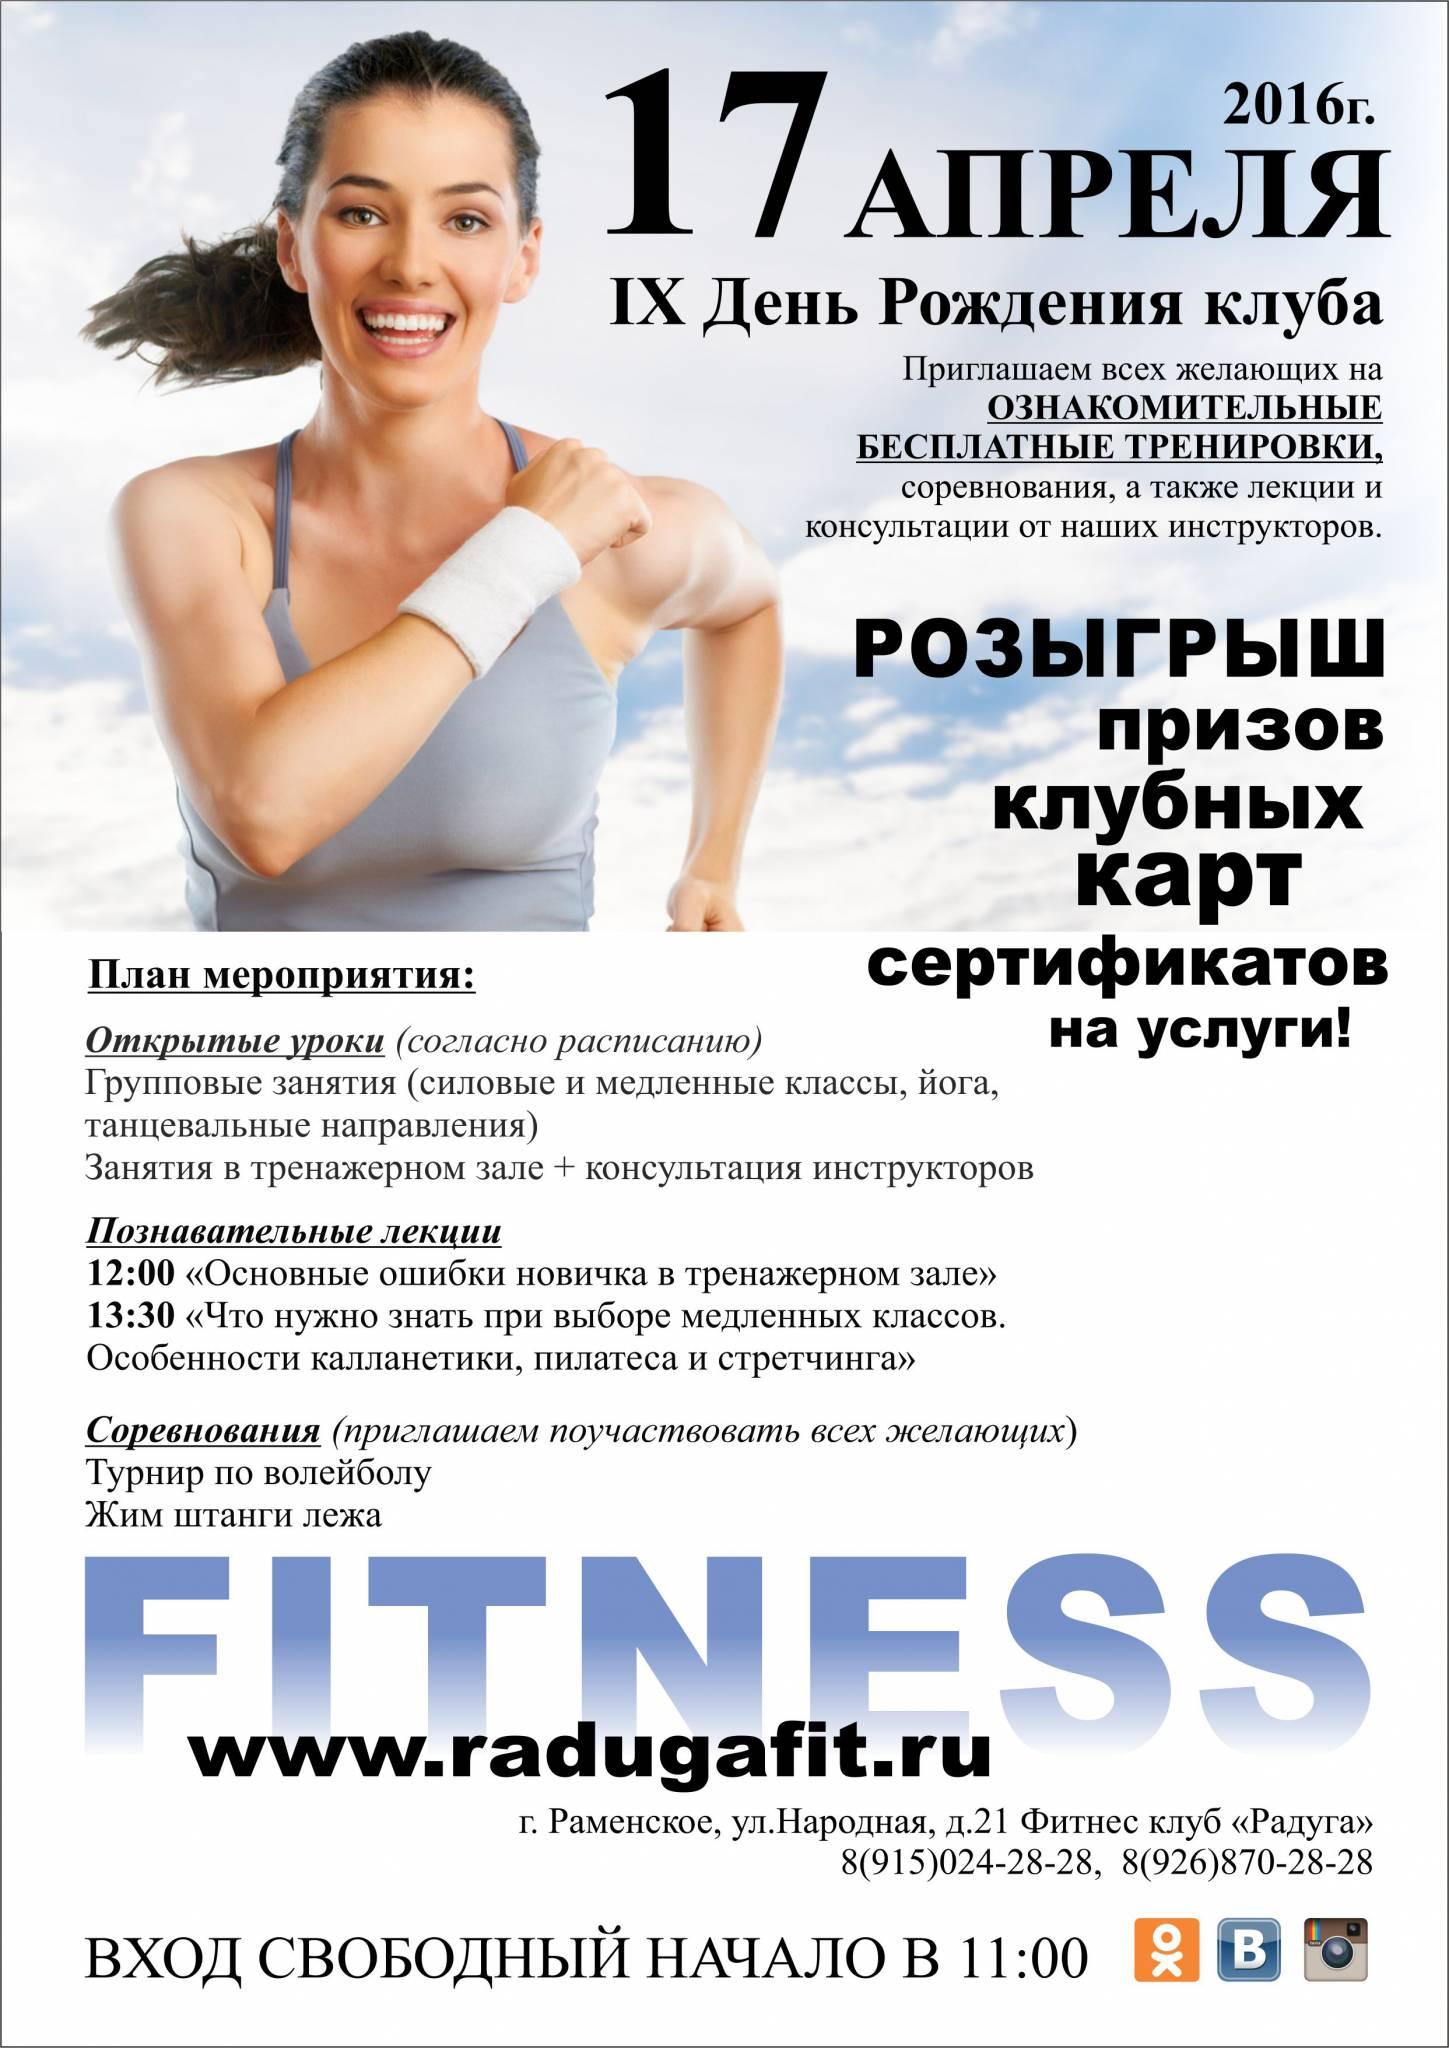 Дни открытых дверей в фитнес клубах москвы охранник в ночной клуб в москве подработка